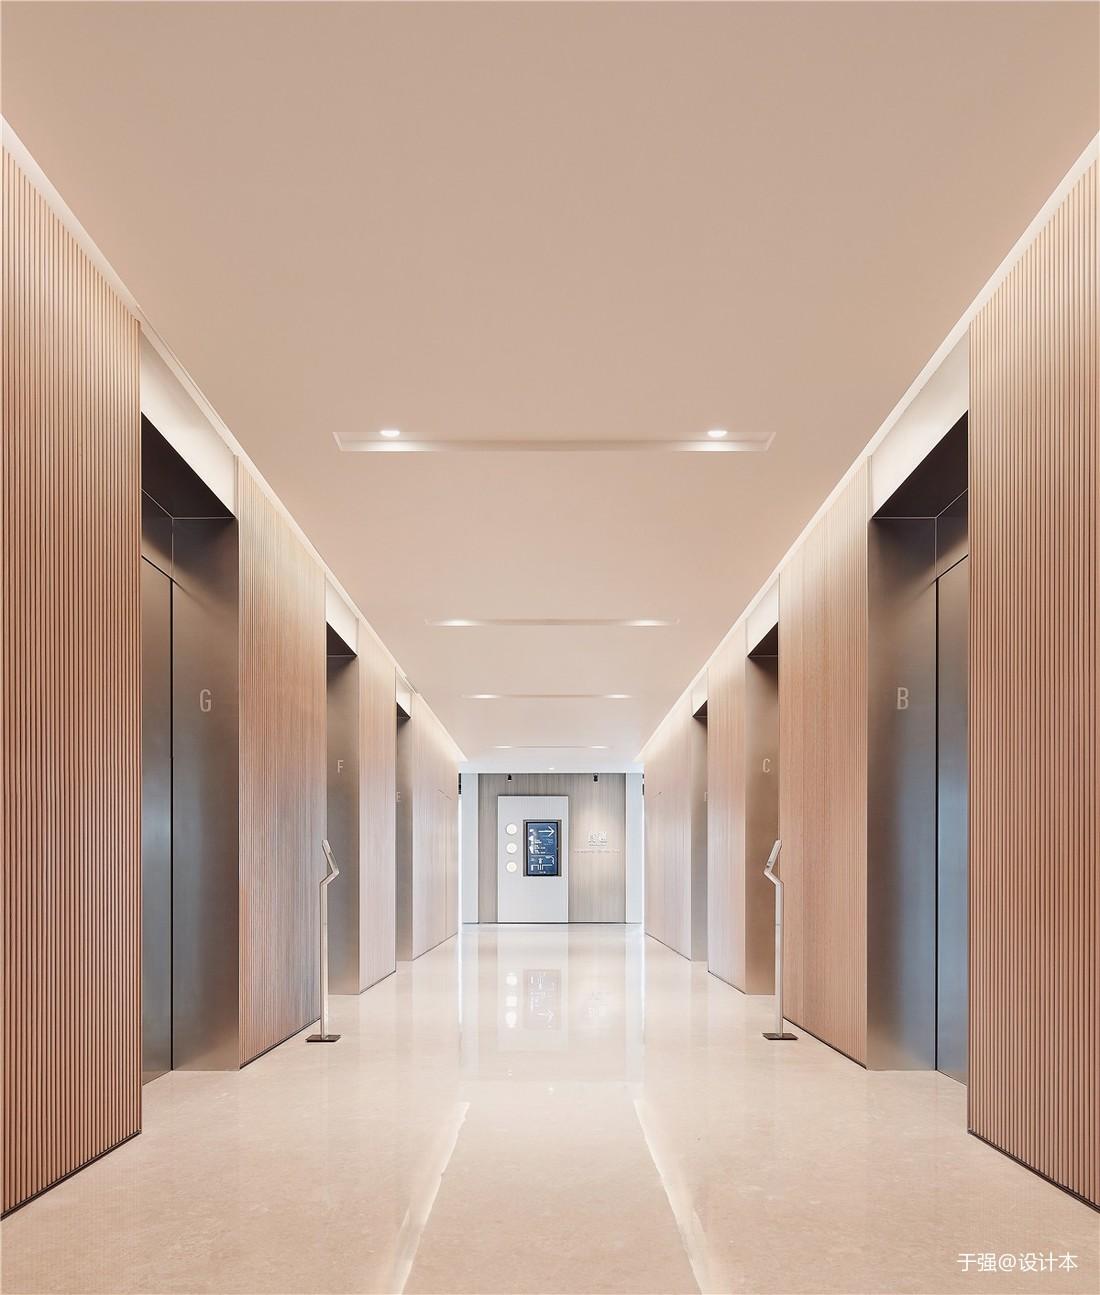 深圳湾一号T7员工食堂——电梯区图片